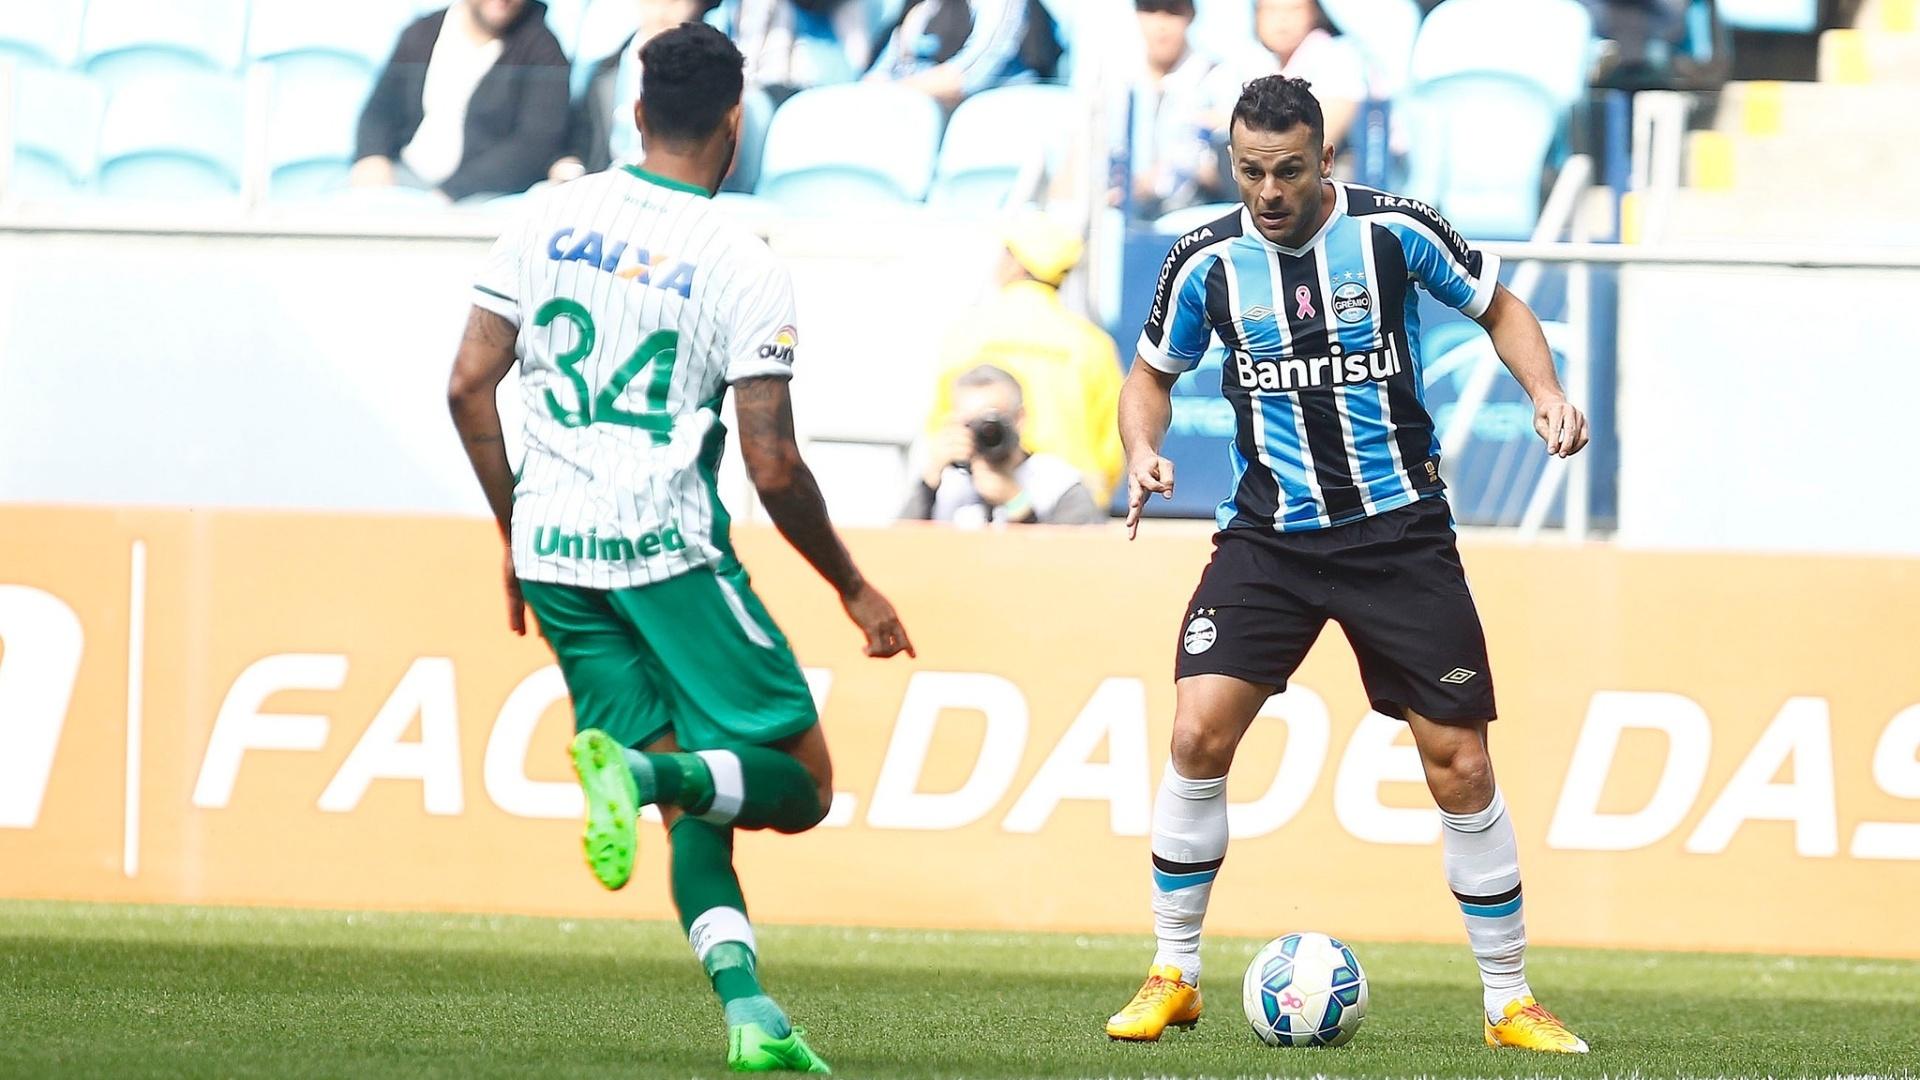 Jogador do Grêmio tenta escapar da marcação contra a Chapecoense